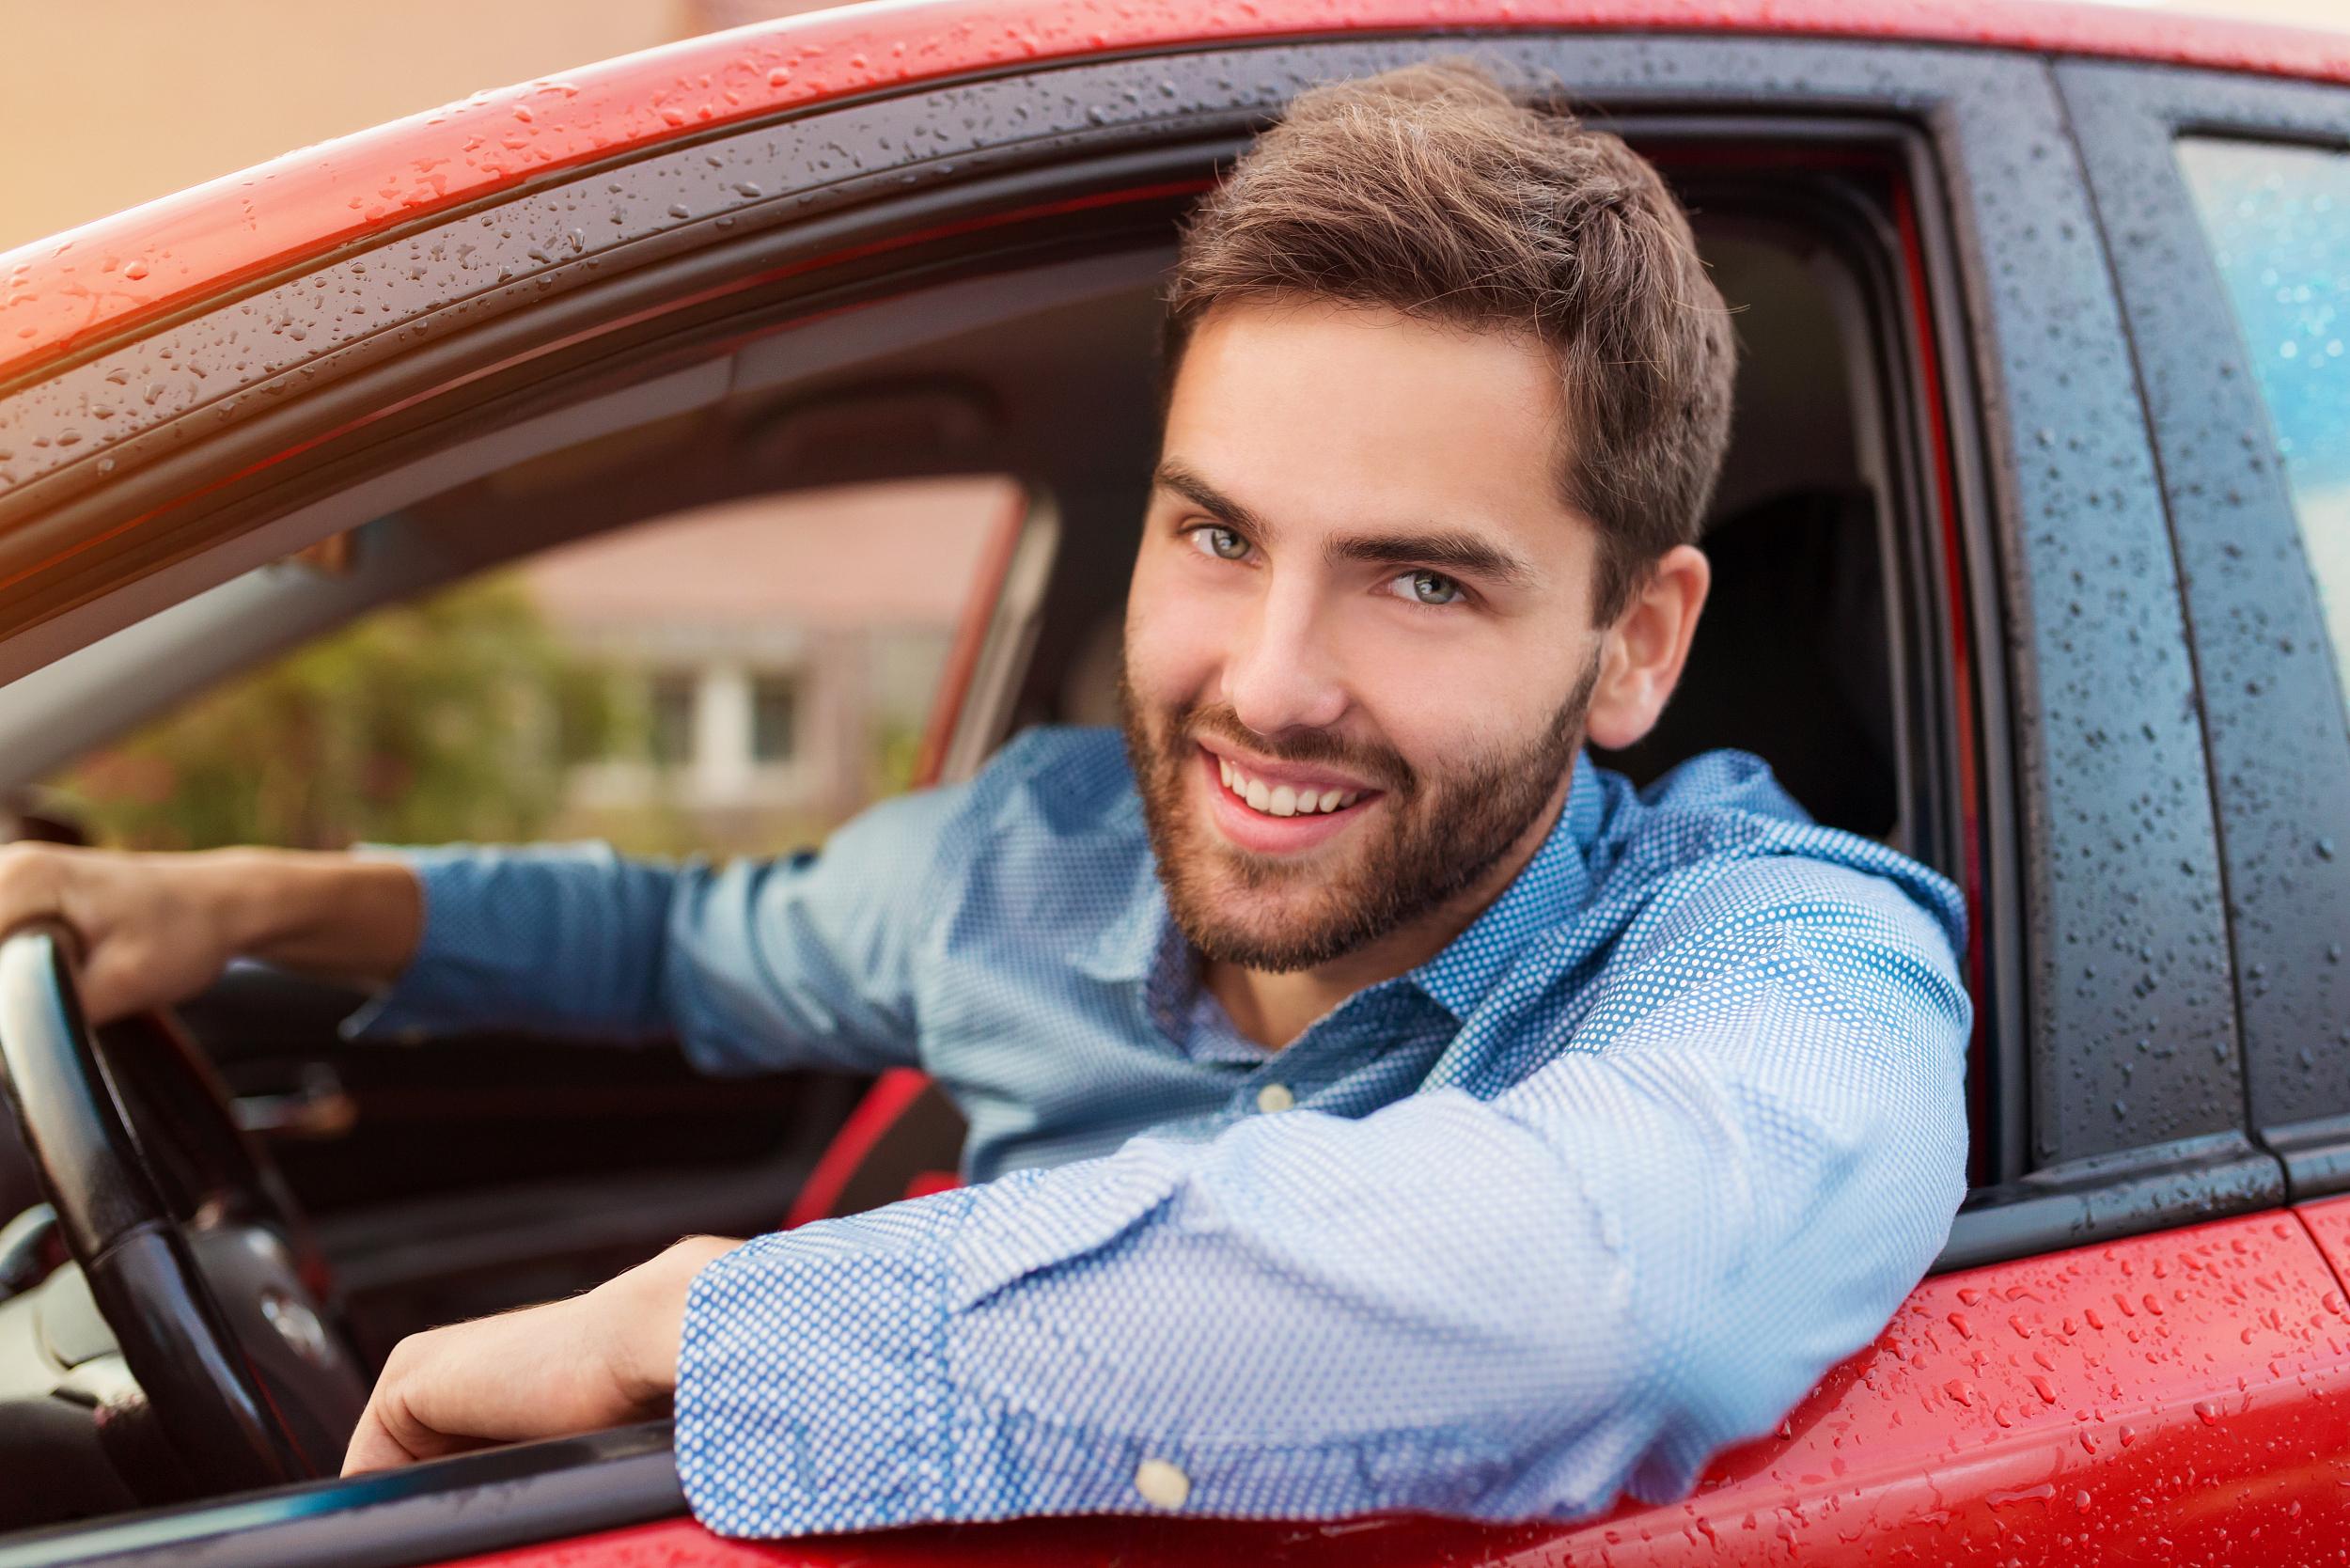 раз, приезжая фото мужчины за рулем машины так давно из-за